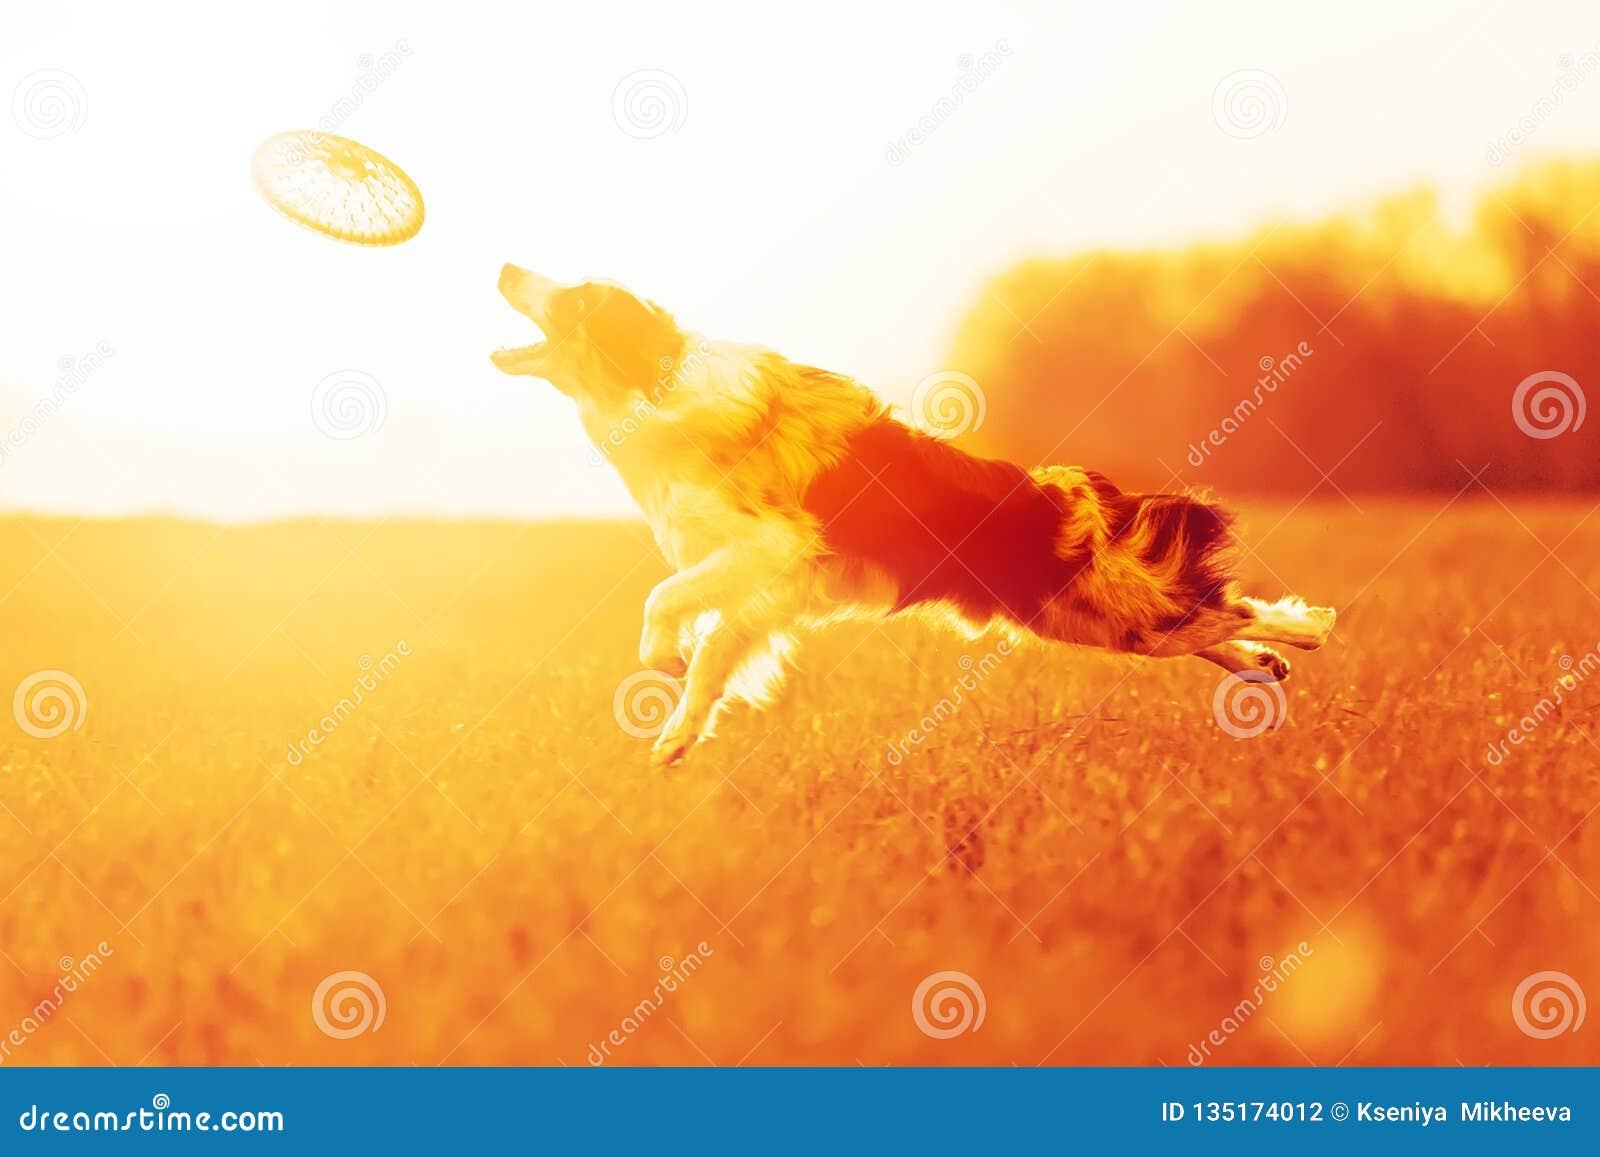 De sprong van border collie van de Mramarhond binnen aan de hemel op gebied